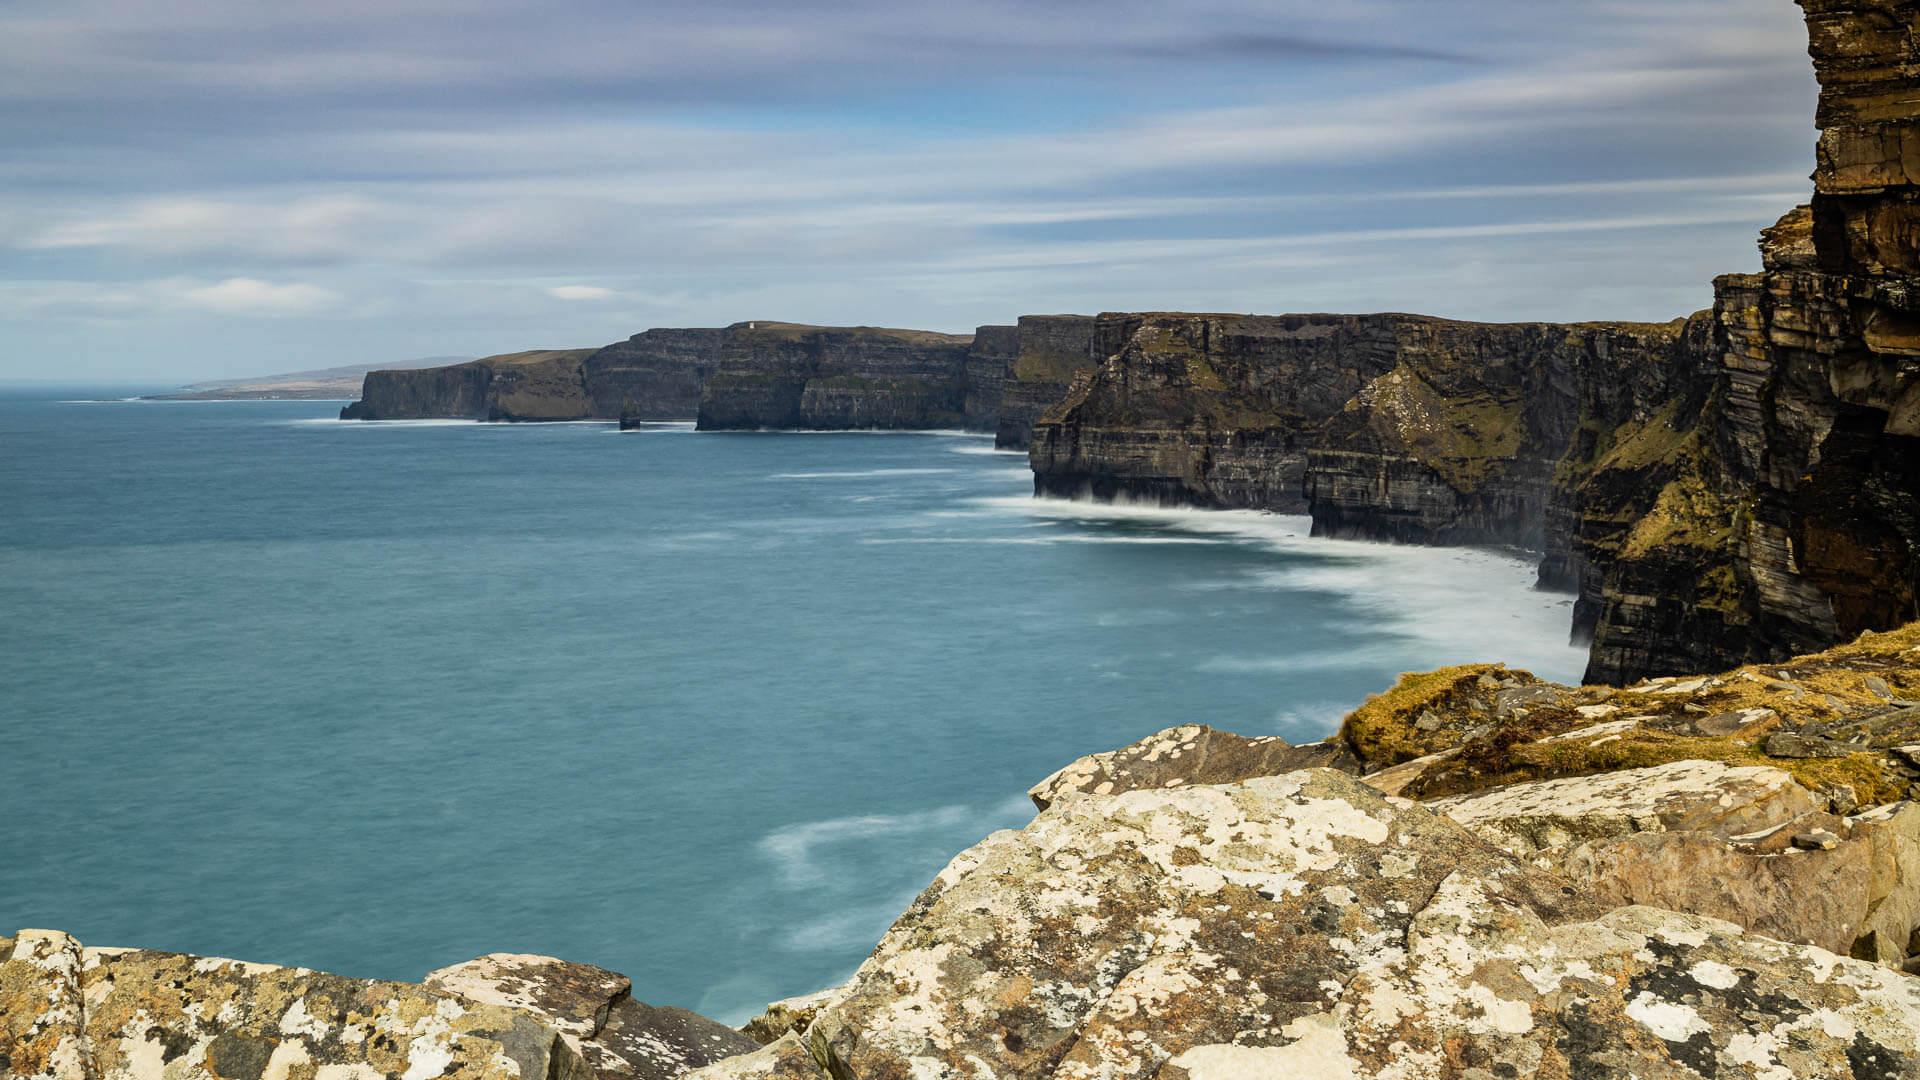 Die Klippen von Moher in Irland in ihrer ganzen Länge